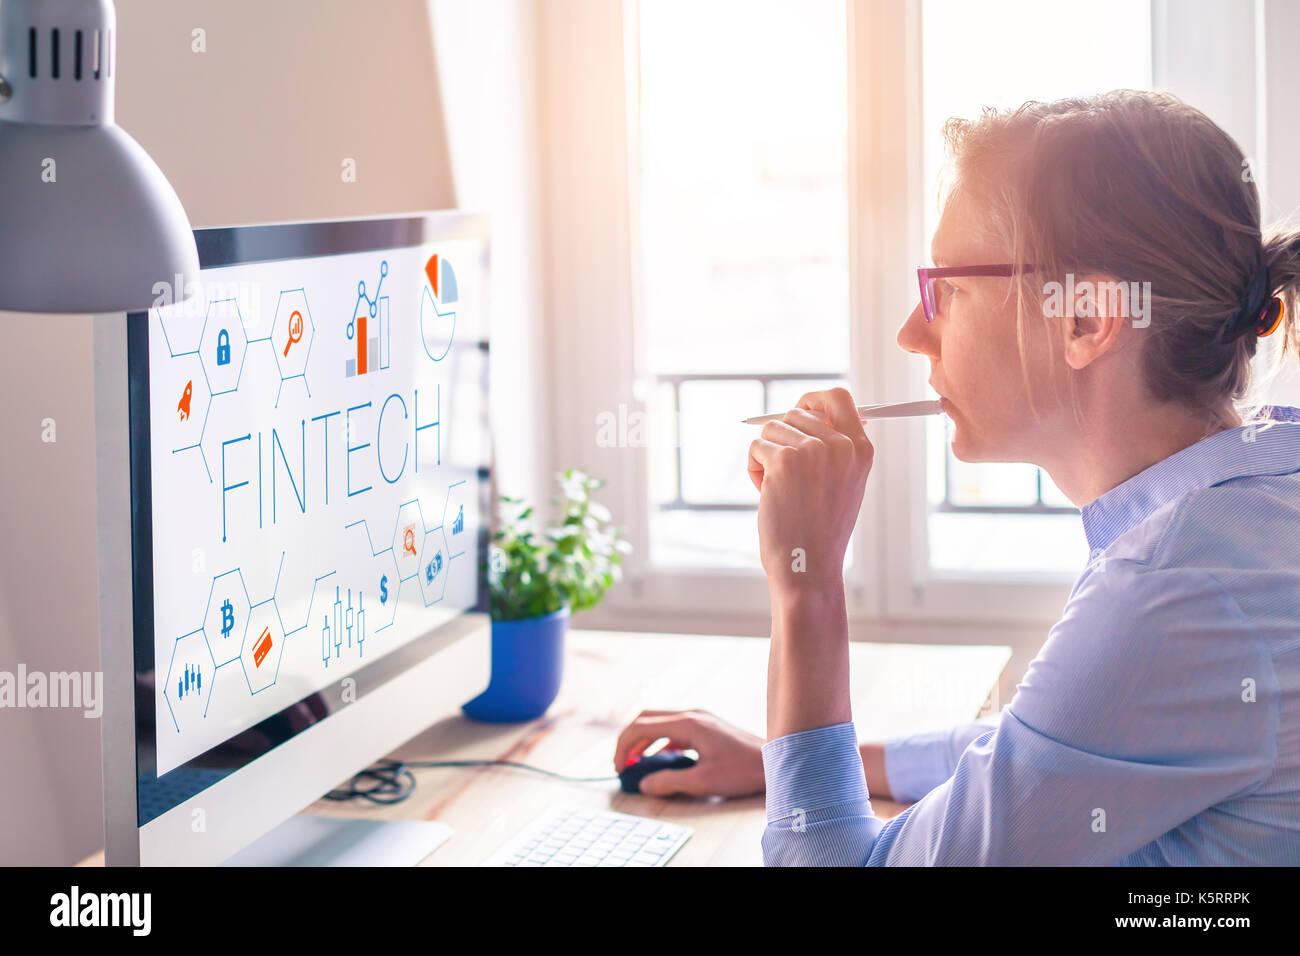 Fintech concept sur l'écran de l'ordinateur avec une interface moderne et novatrice de graphiques, femme d'affaires Banque D'Images